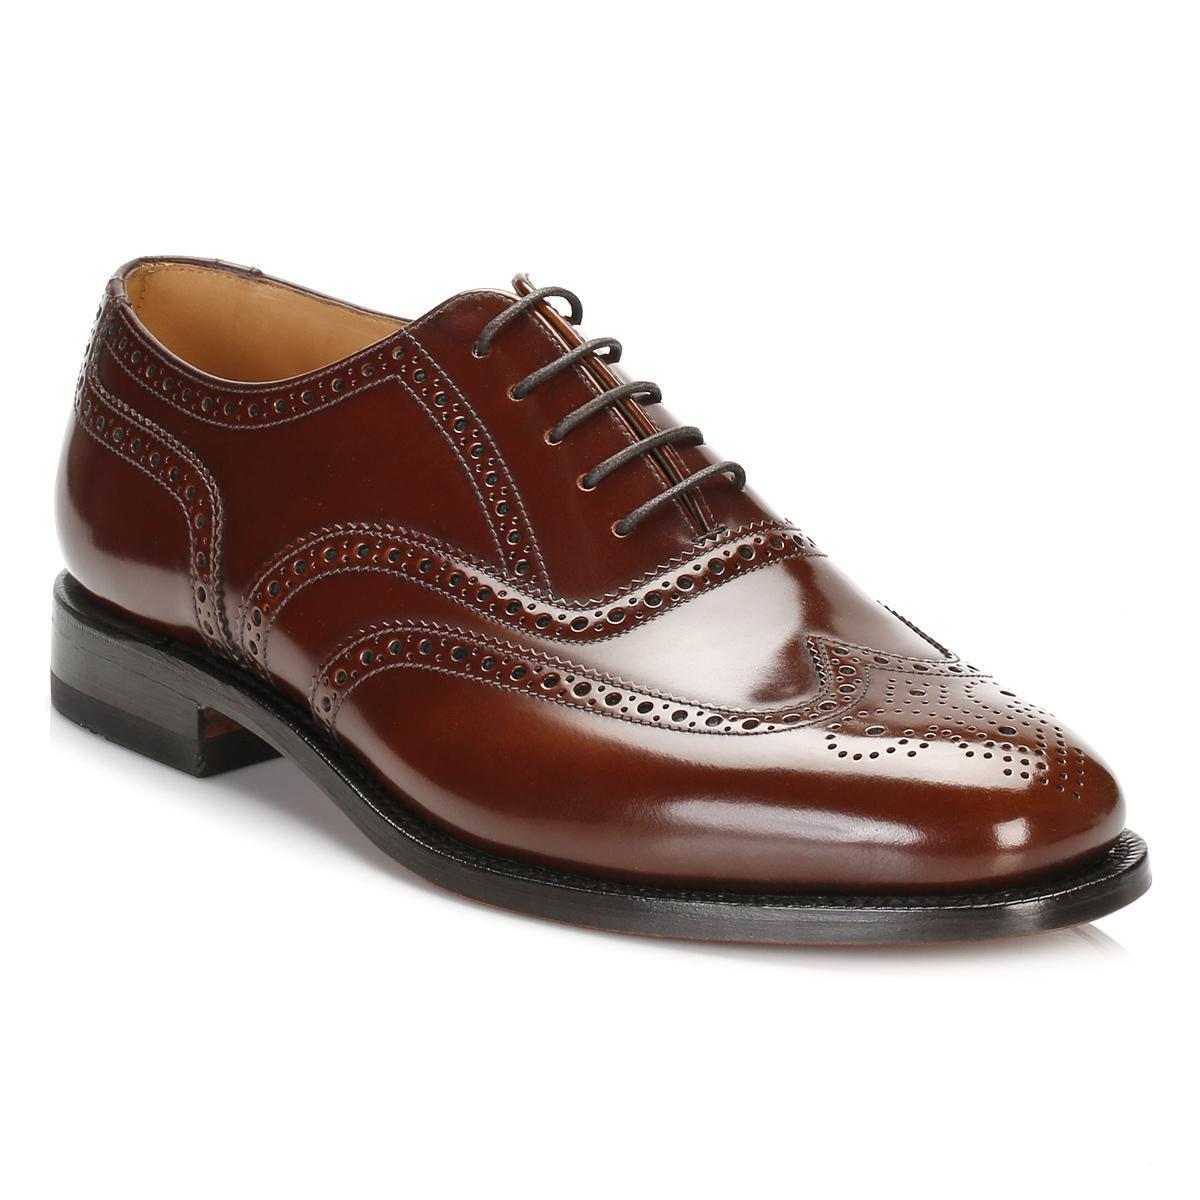 Loake B Mens Brogue Shoes